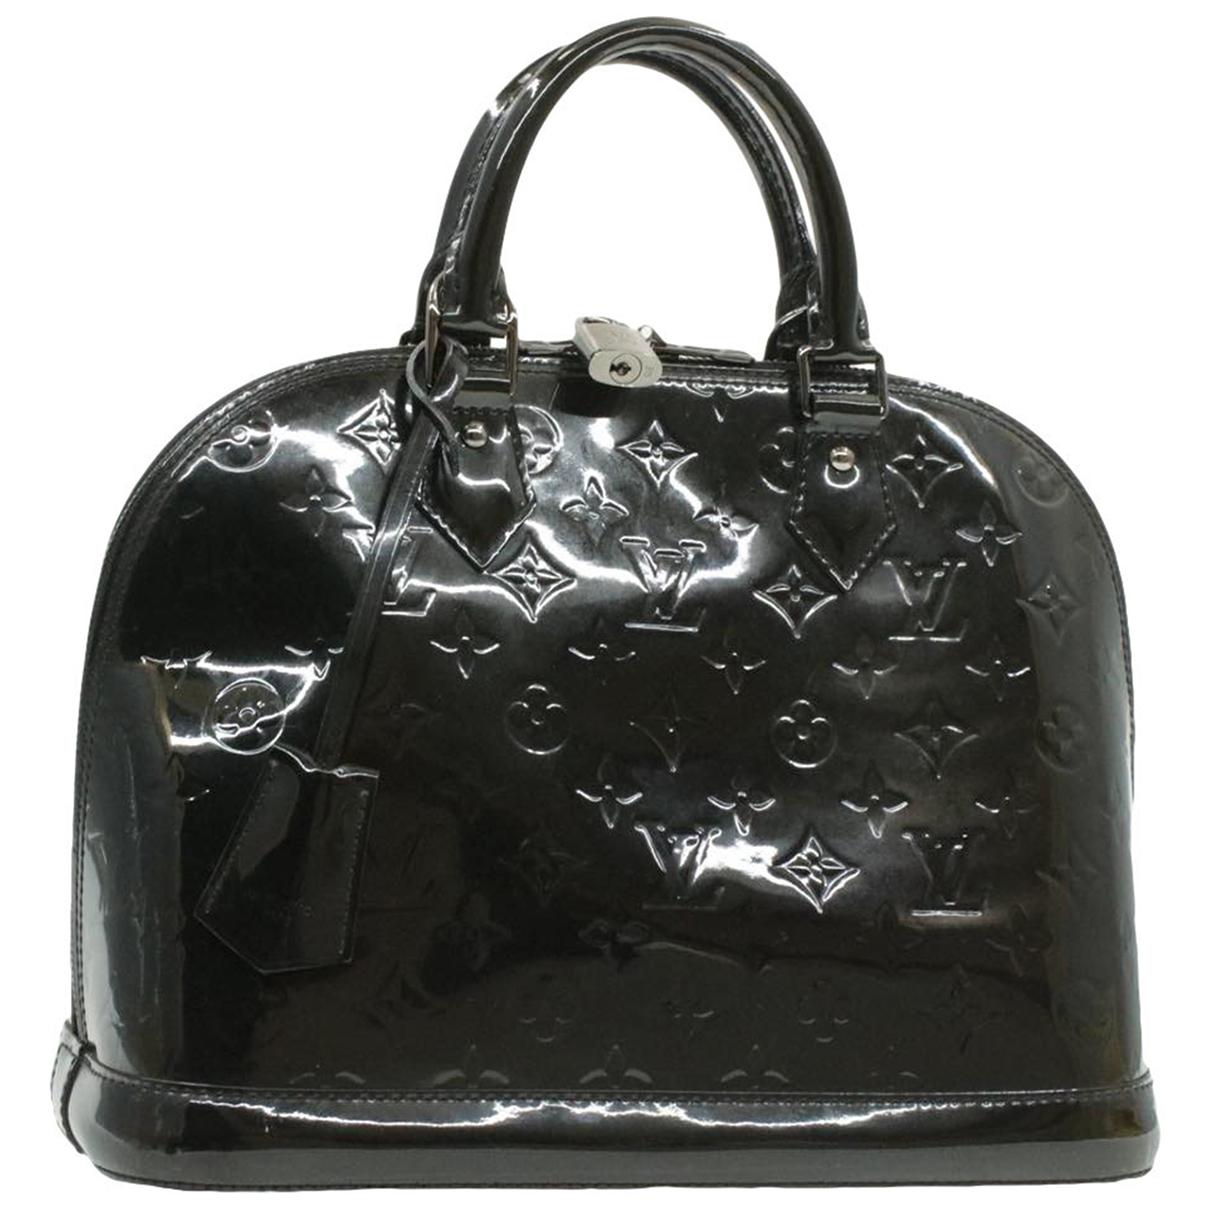 Louis Vuitton - Sac a main Alma pour femme en cuir verni - noir